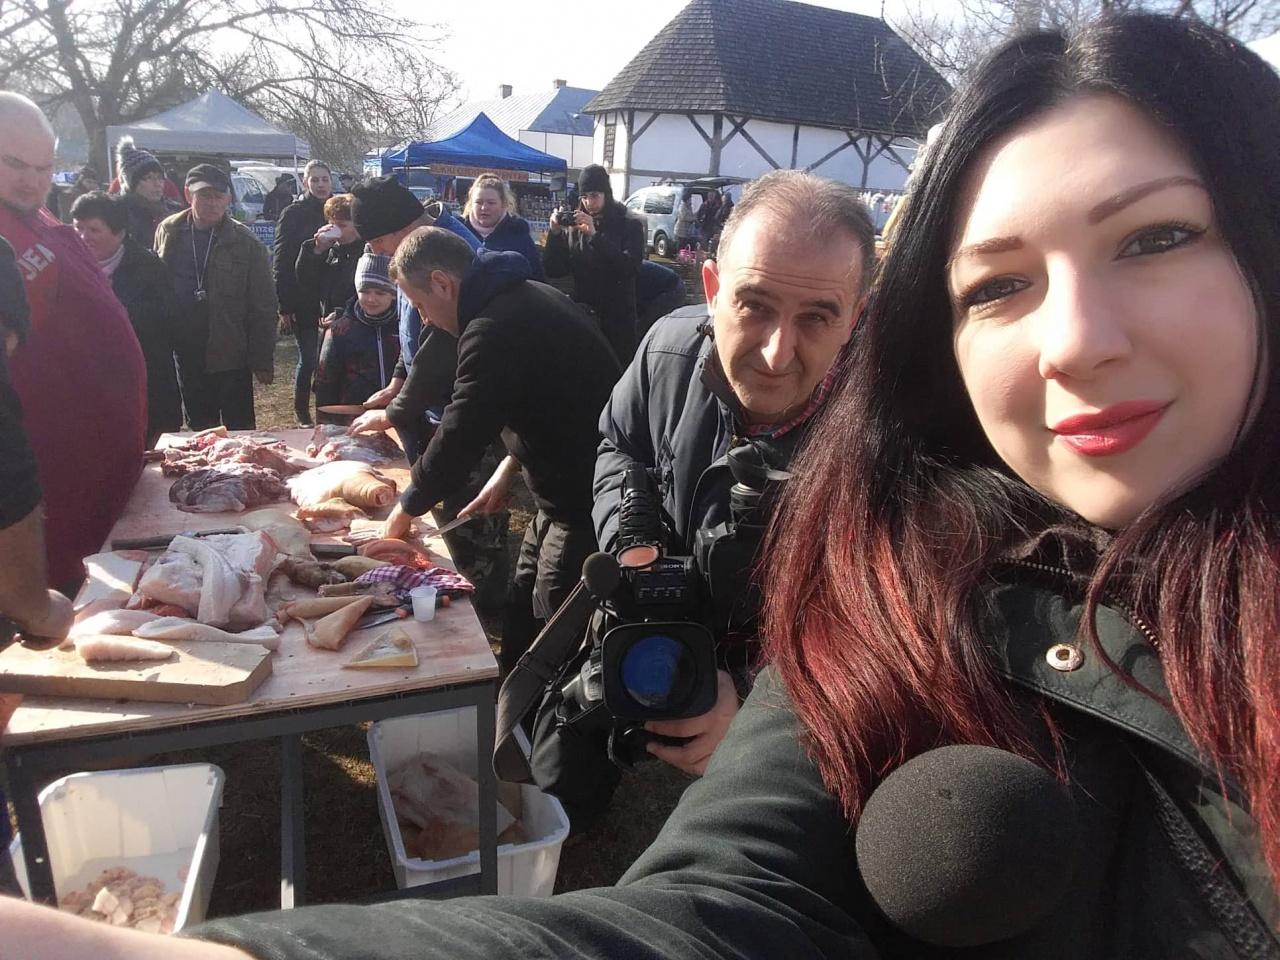 Országos médiában a nyíregyházi rendezvény - Pillanatképek a Disznótorosról!